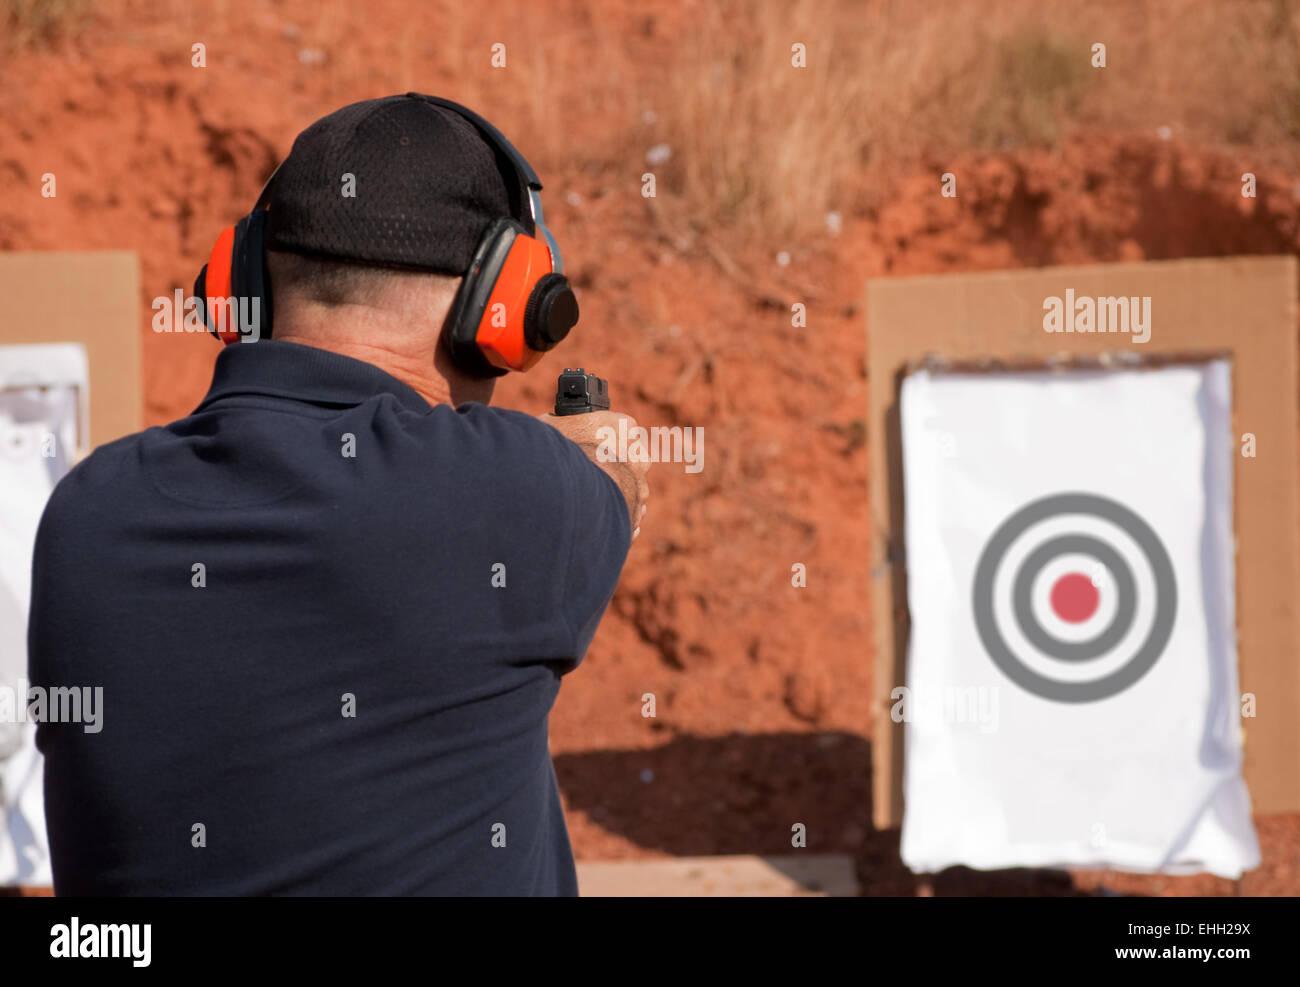 L'homme à tirer sur une cible sur un tir de l'extérieur, l'accent sur la réglementation Photo Stock